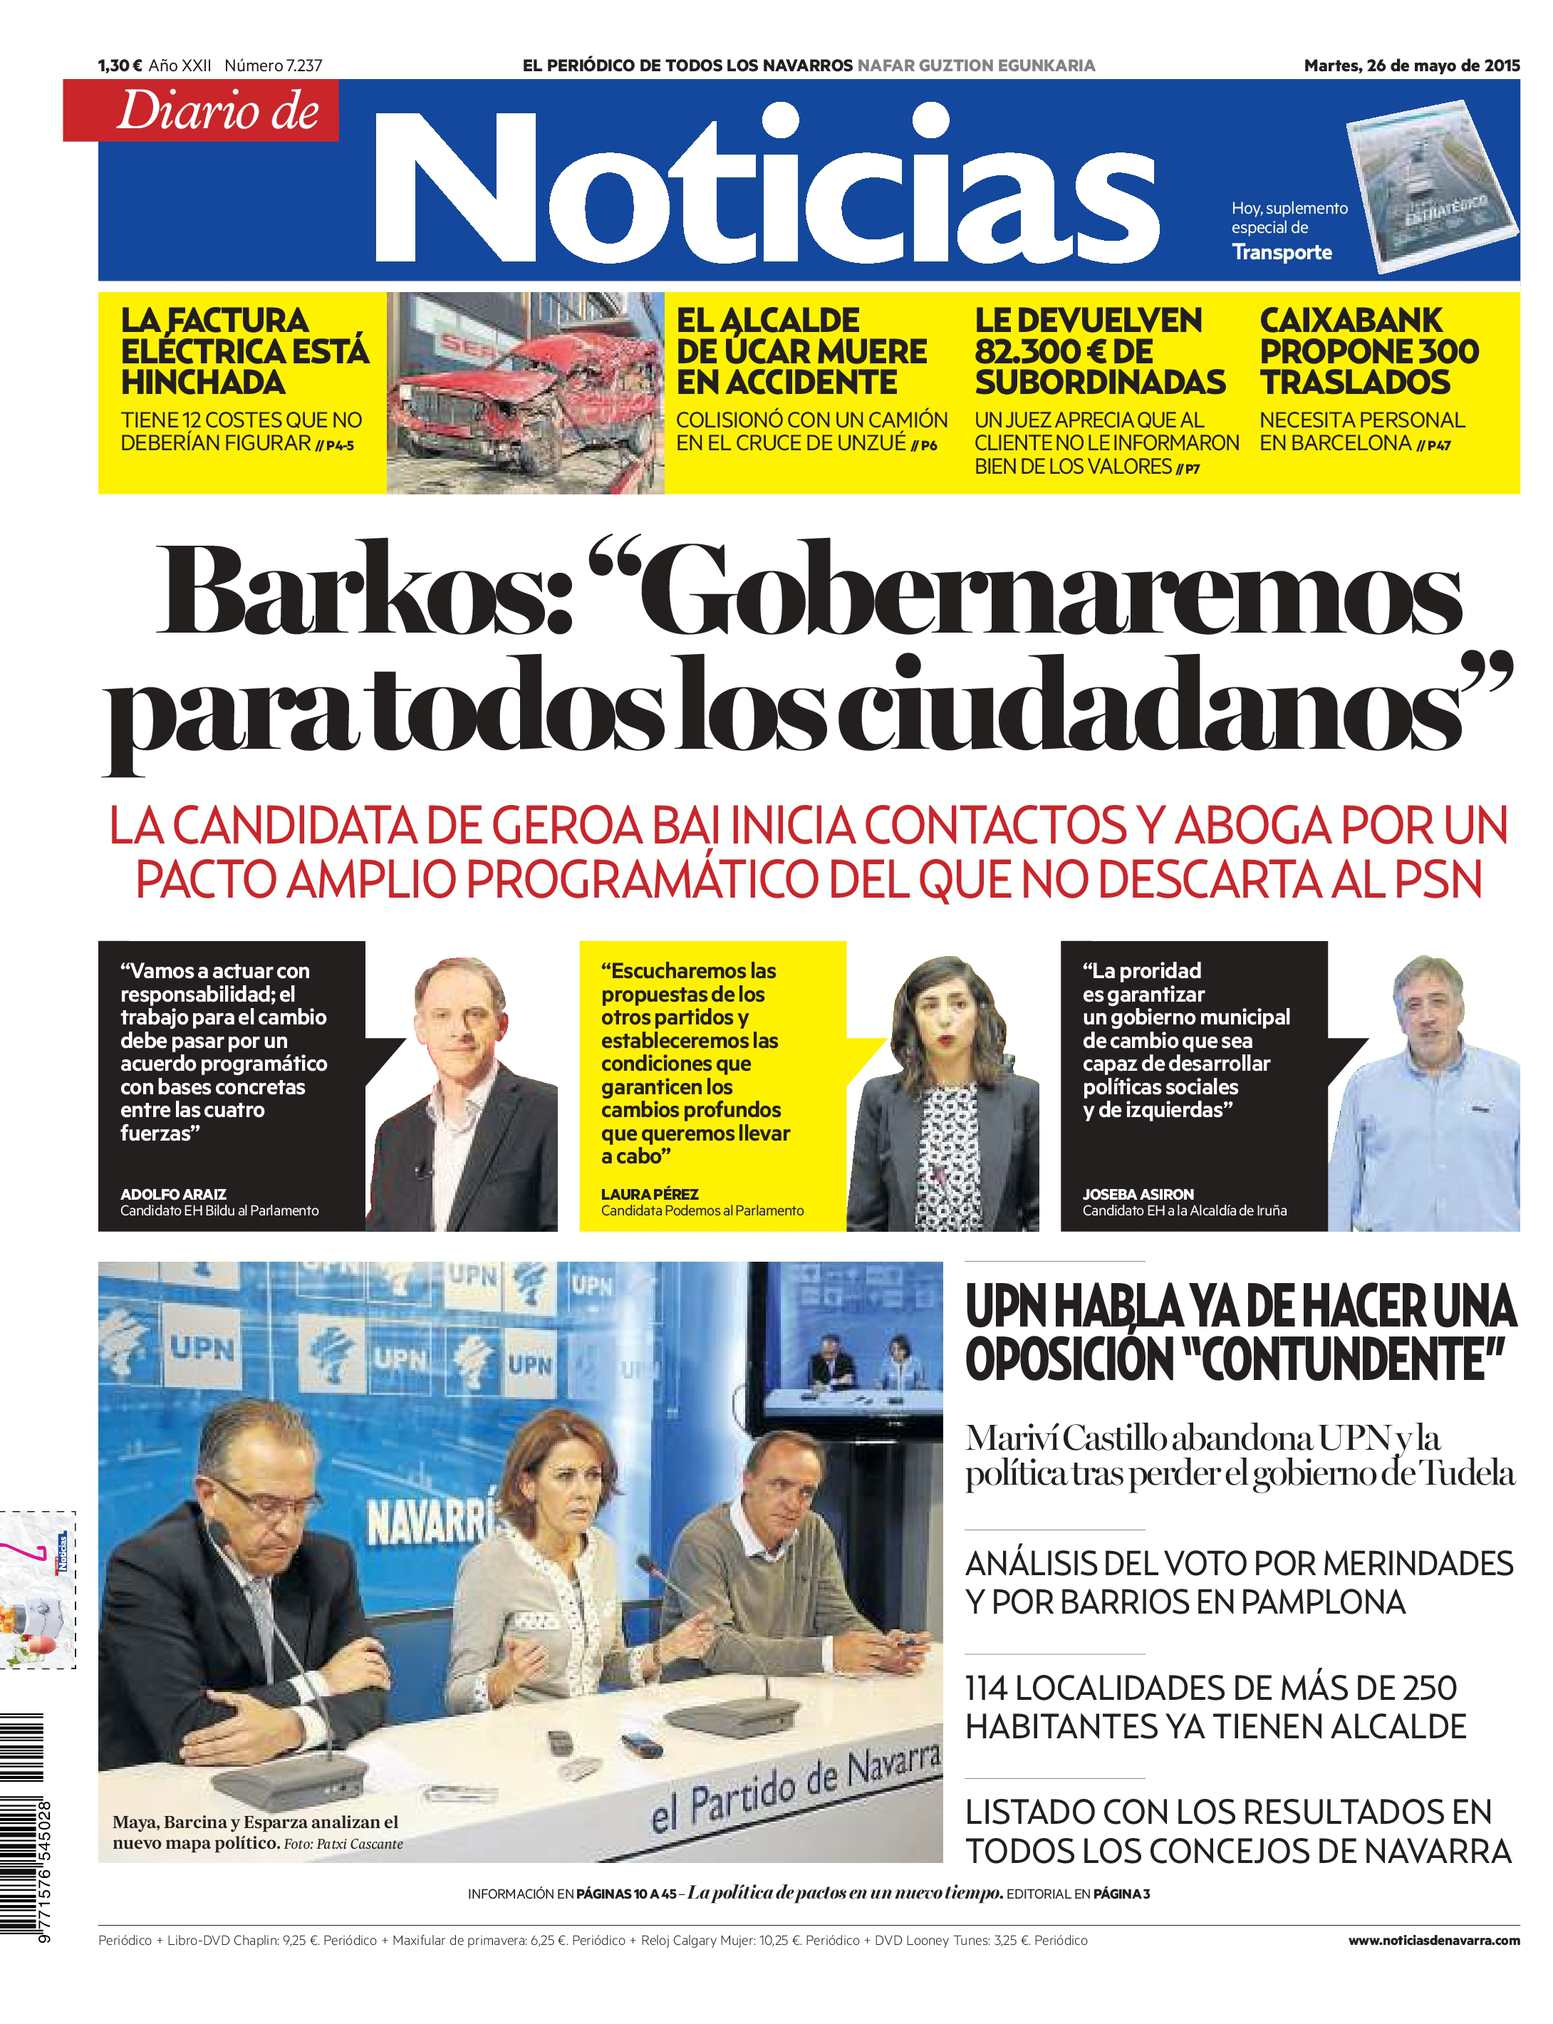 Calaméo - Diario de Noticias 20150526